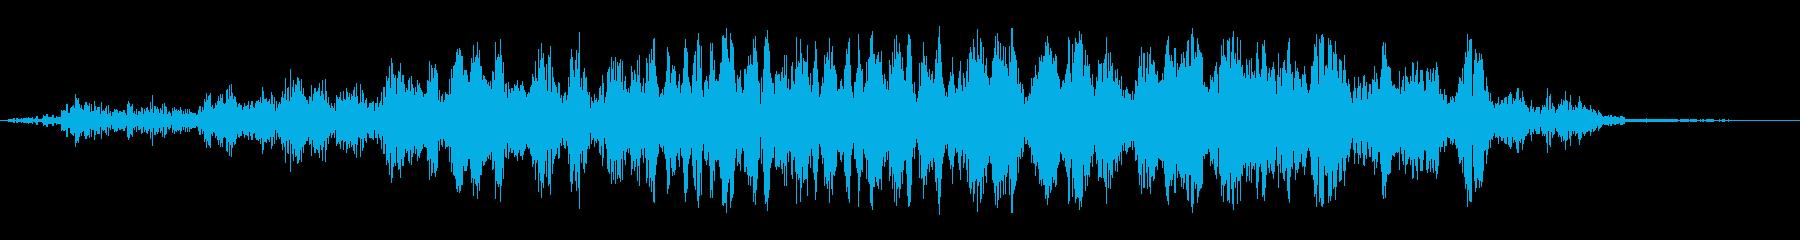 ウォーン(機械の音のような効果音)の再生済みの波形